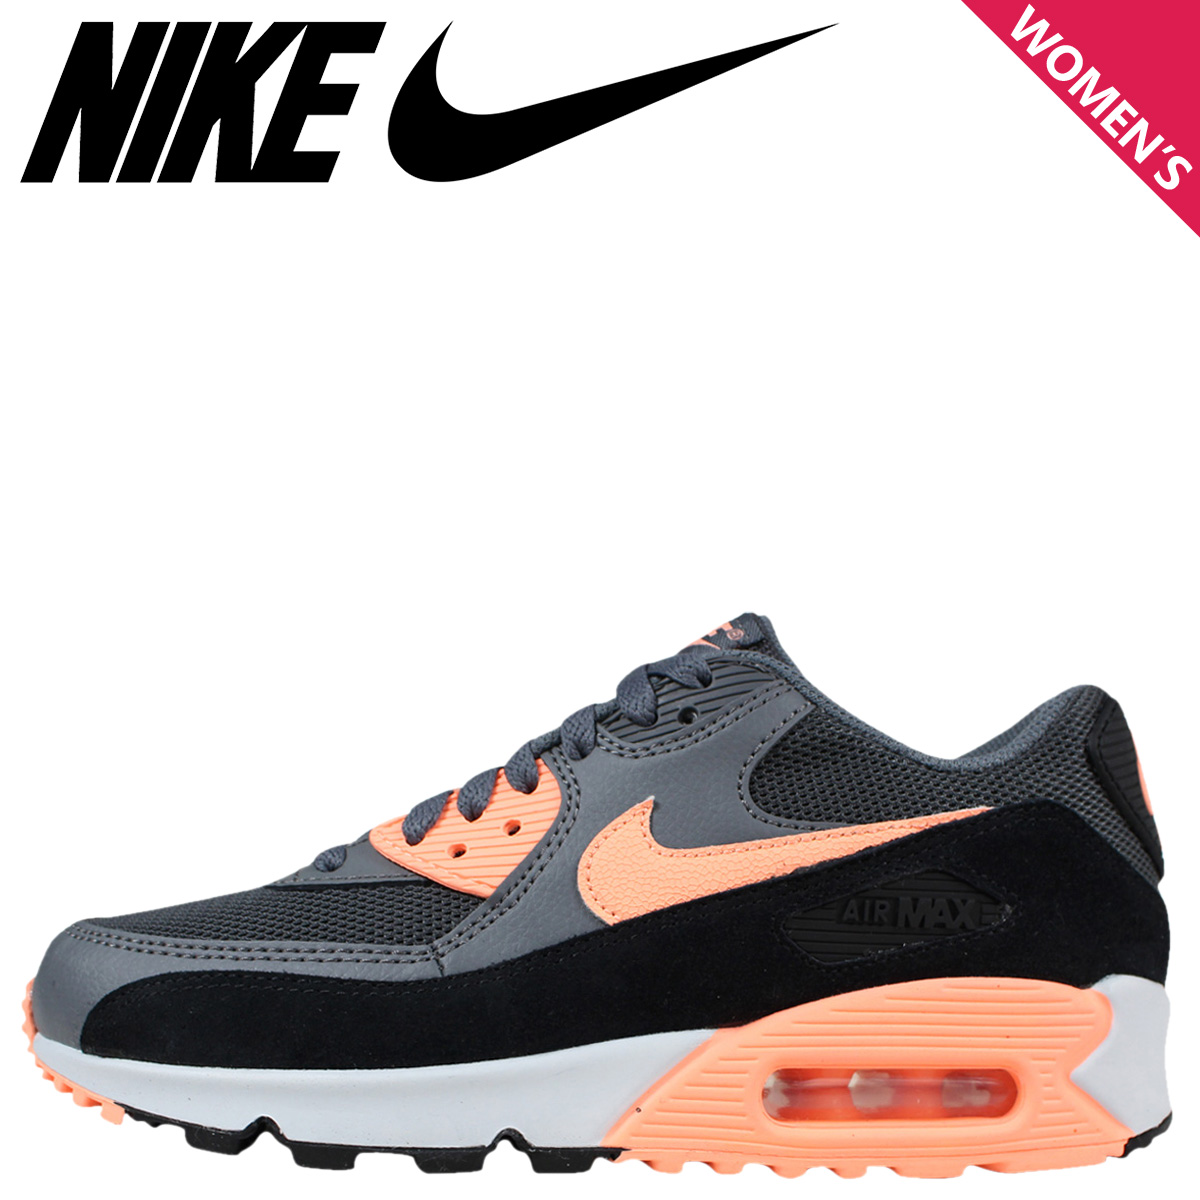 Nike NIKE Air Max sneakers Womens WMNS AIR MAX 90 ESSENTIAL Air Max 90 essential 616730 021 shoes black